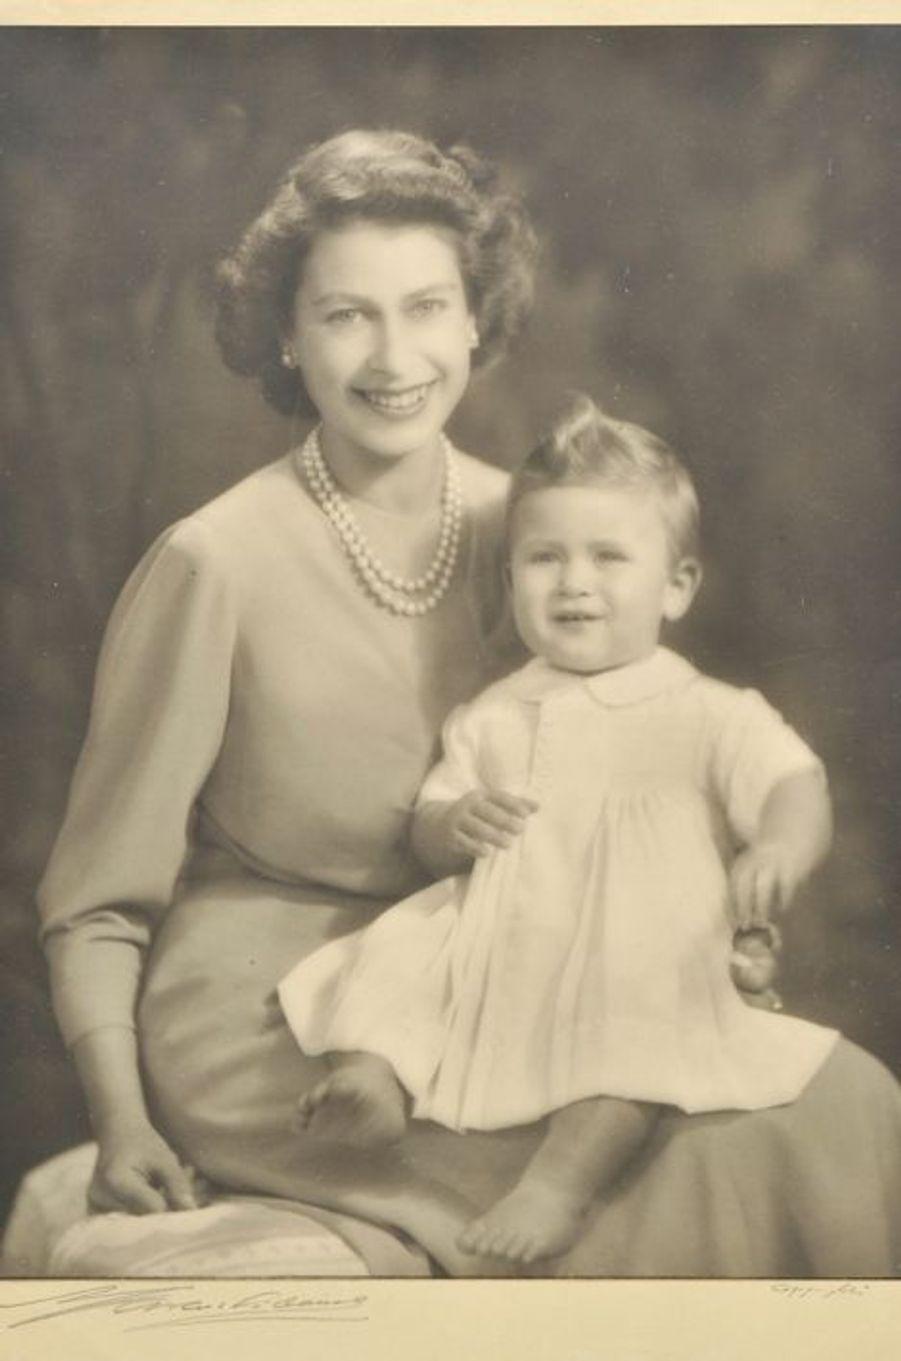 La princesse Elizabeth avec son fils le prince Charles, le 26 octobre 1949